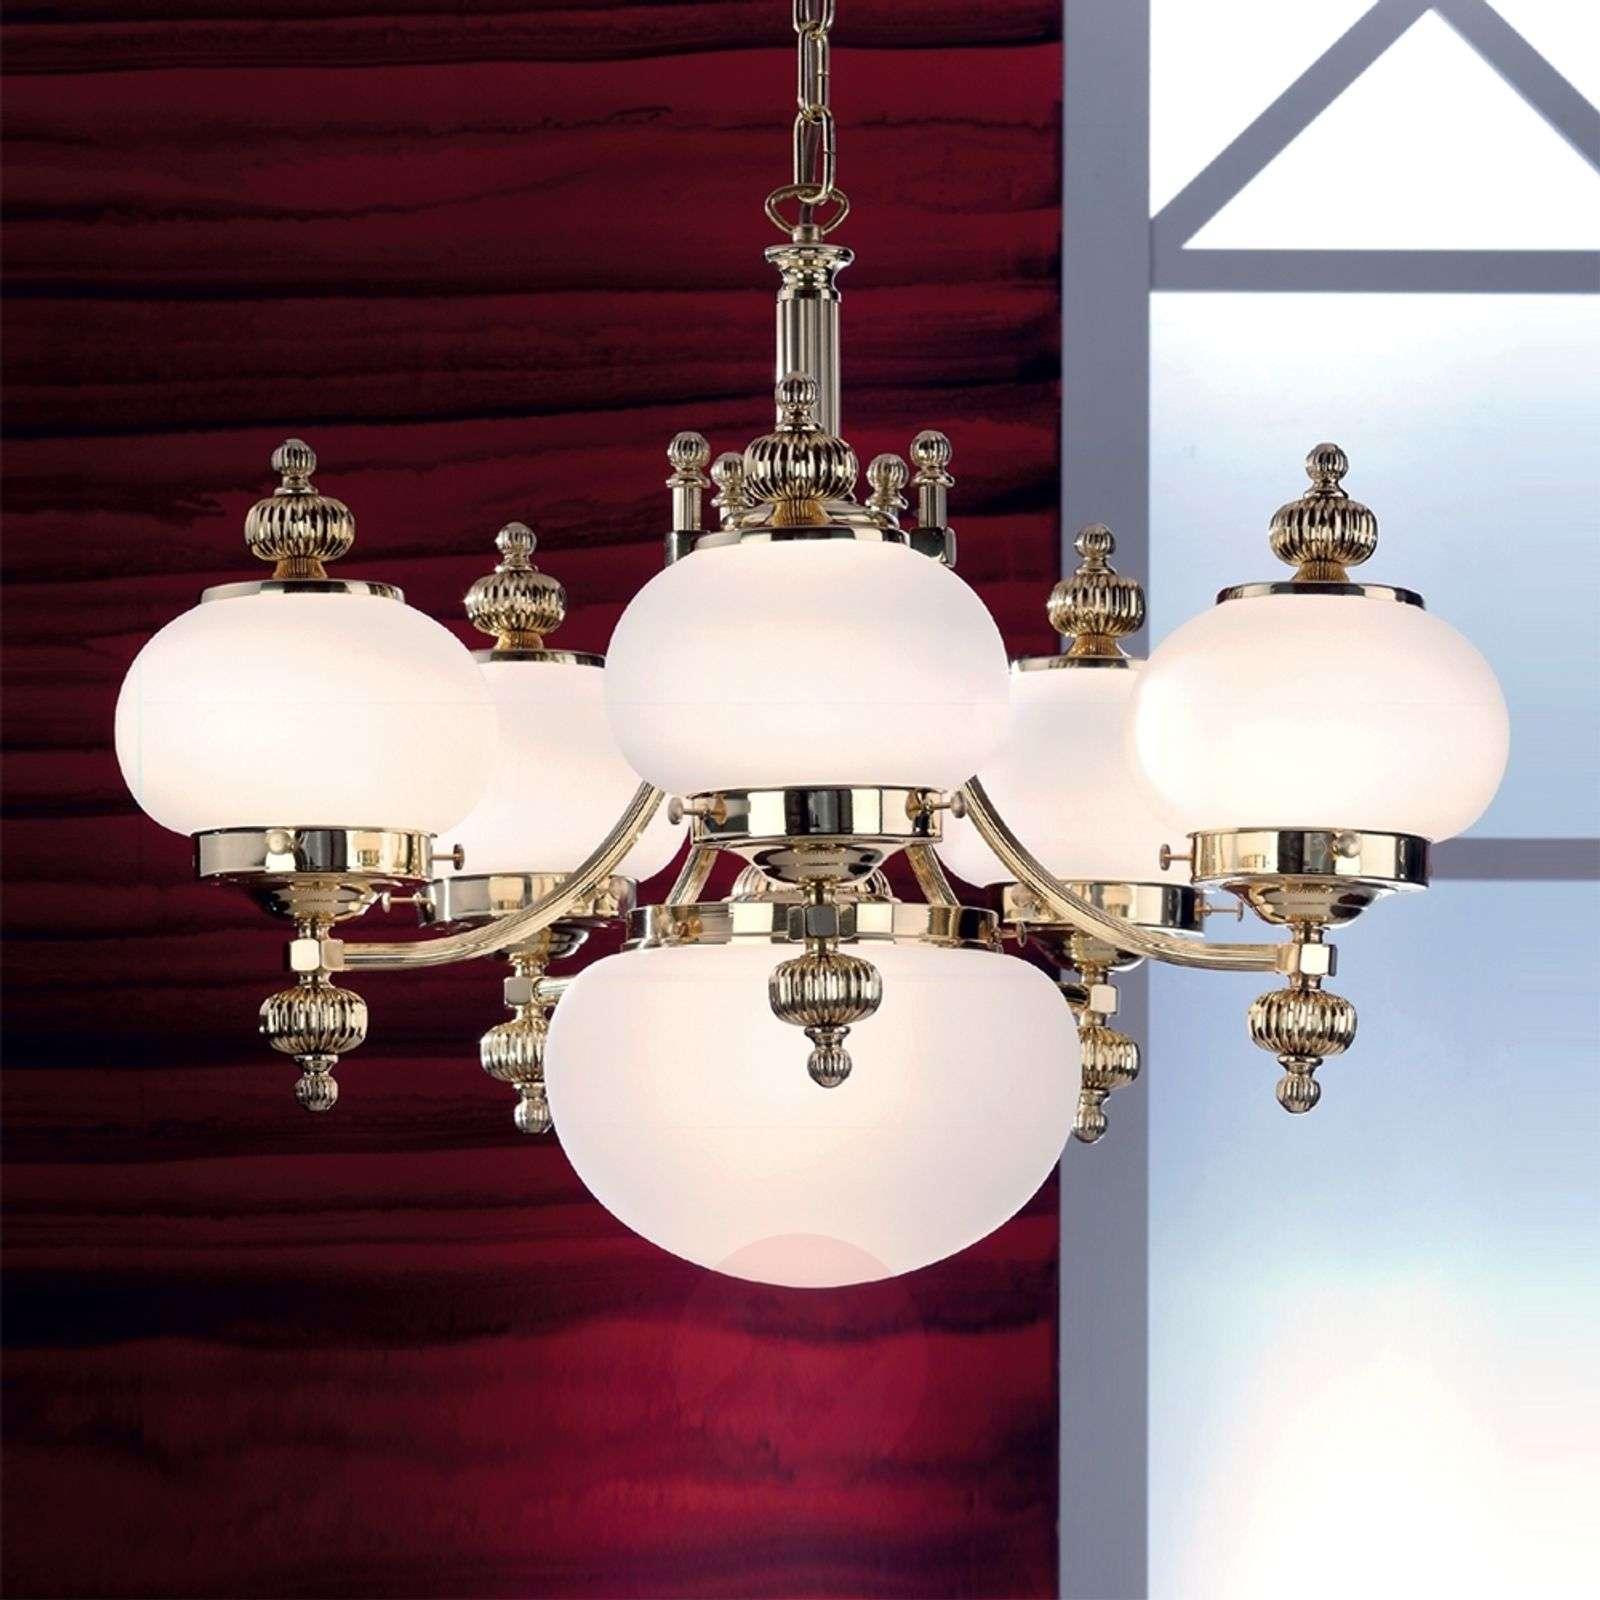 DELIA – tyylikäs kattokruunu, 6-lamppuinen-7254017-01